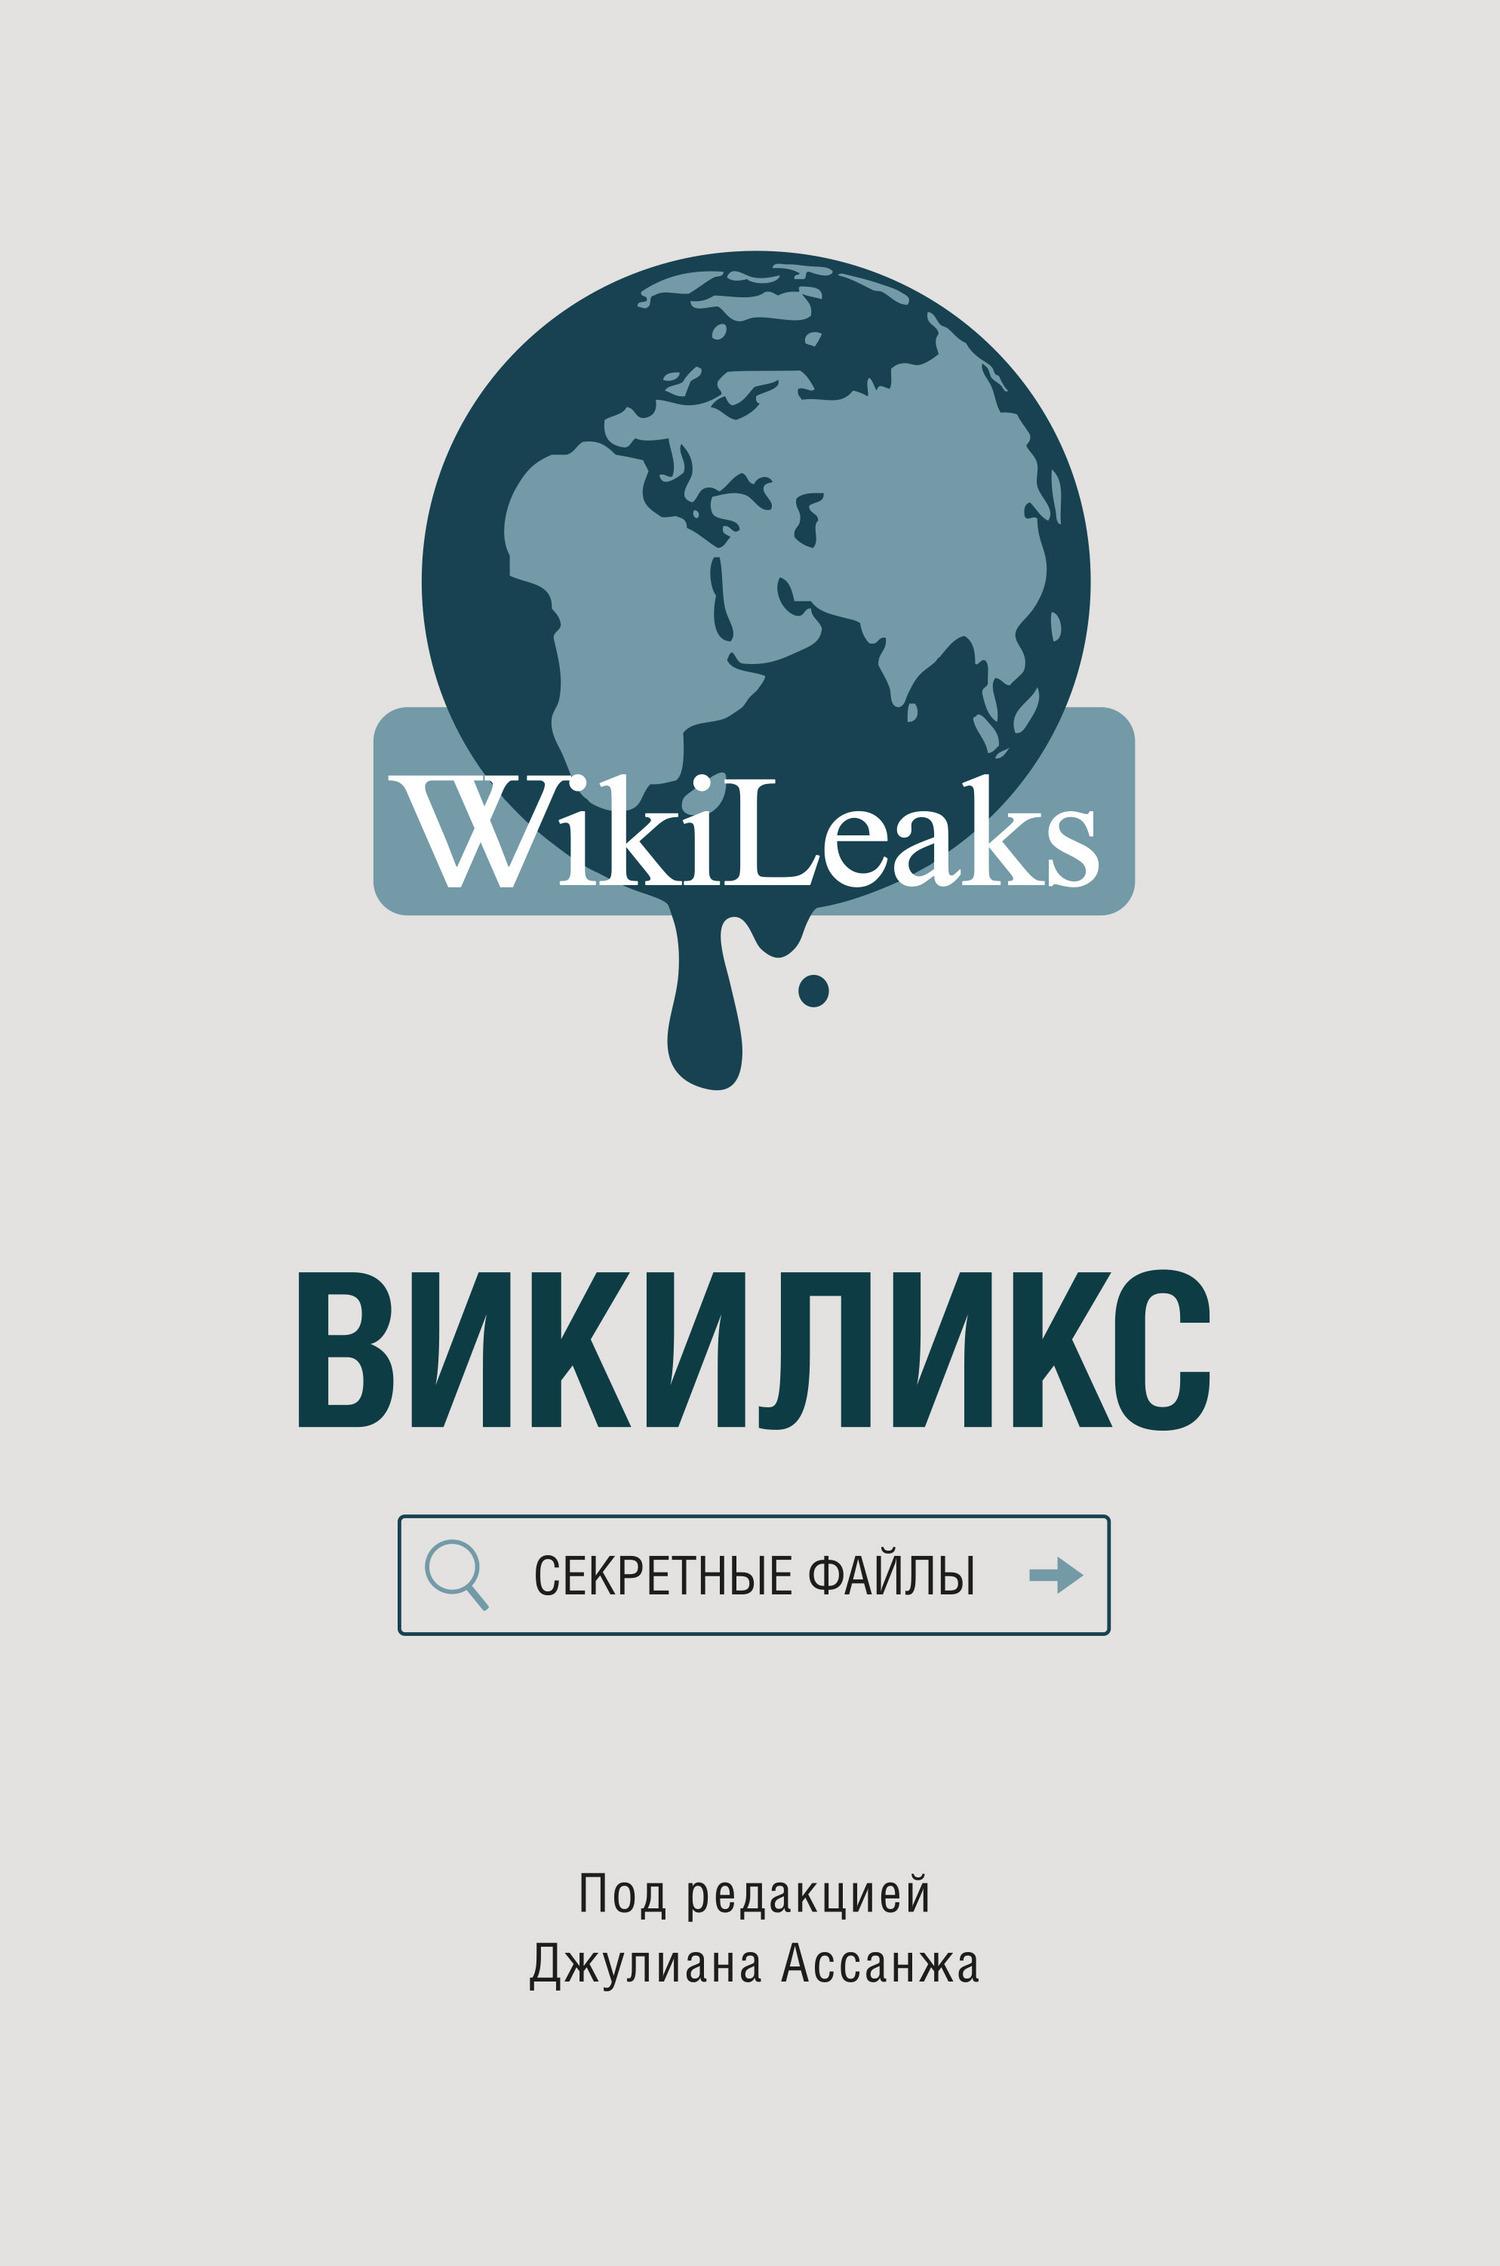 Викиликс: Секретные файлы